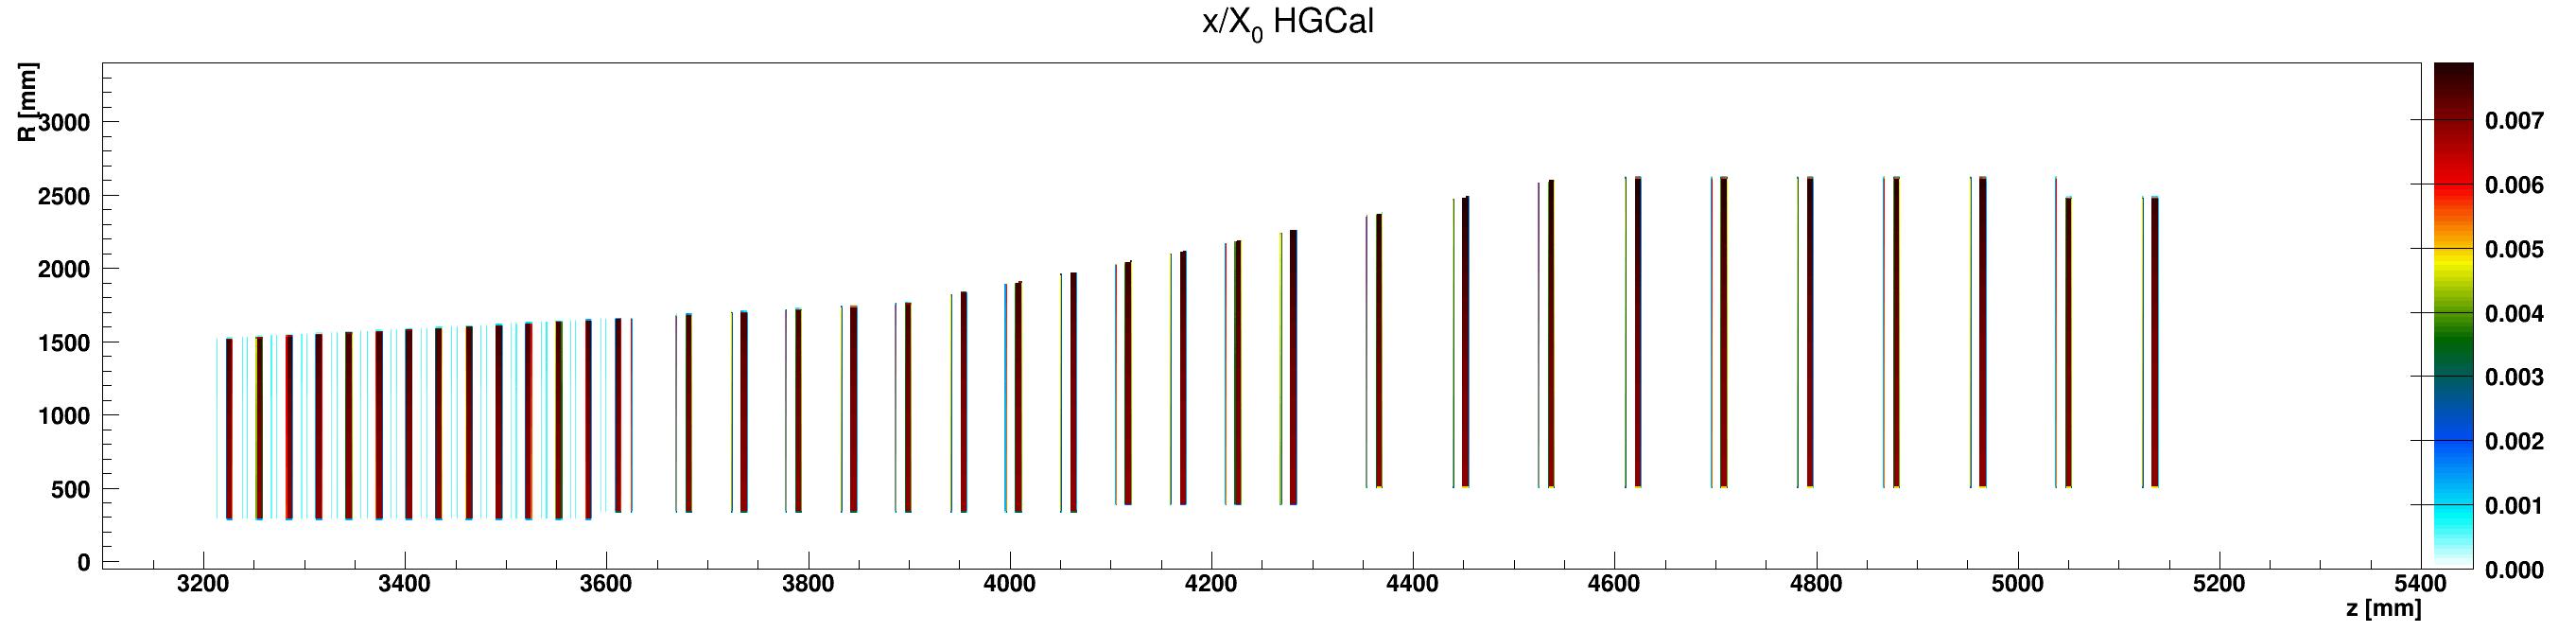 HGCal_x_vs_z_vs_RlocCopper_ZplusZoom.png